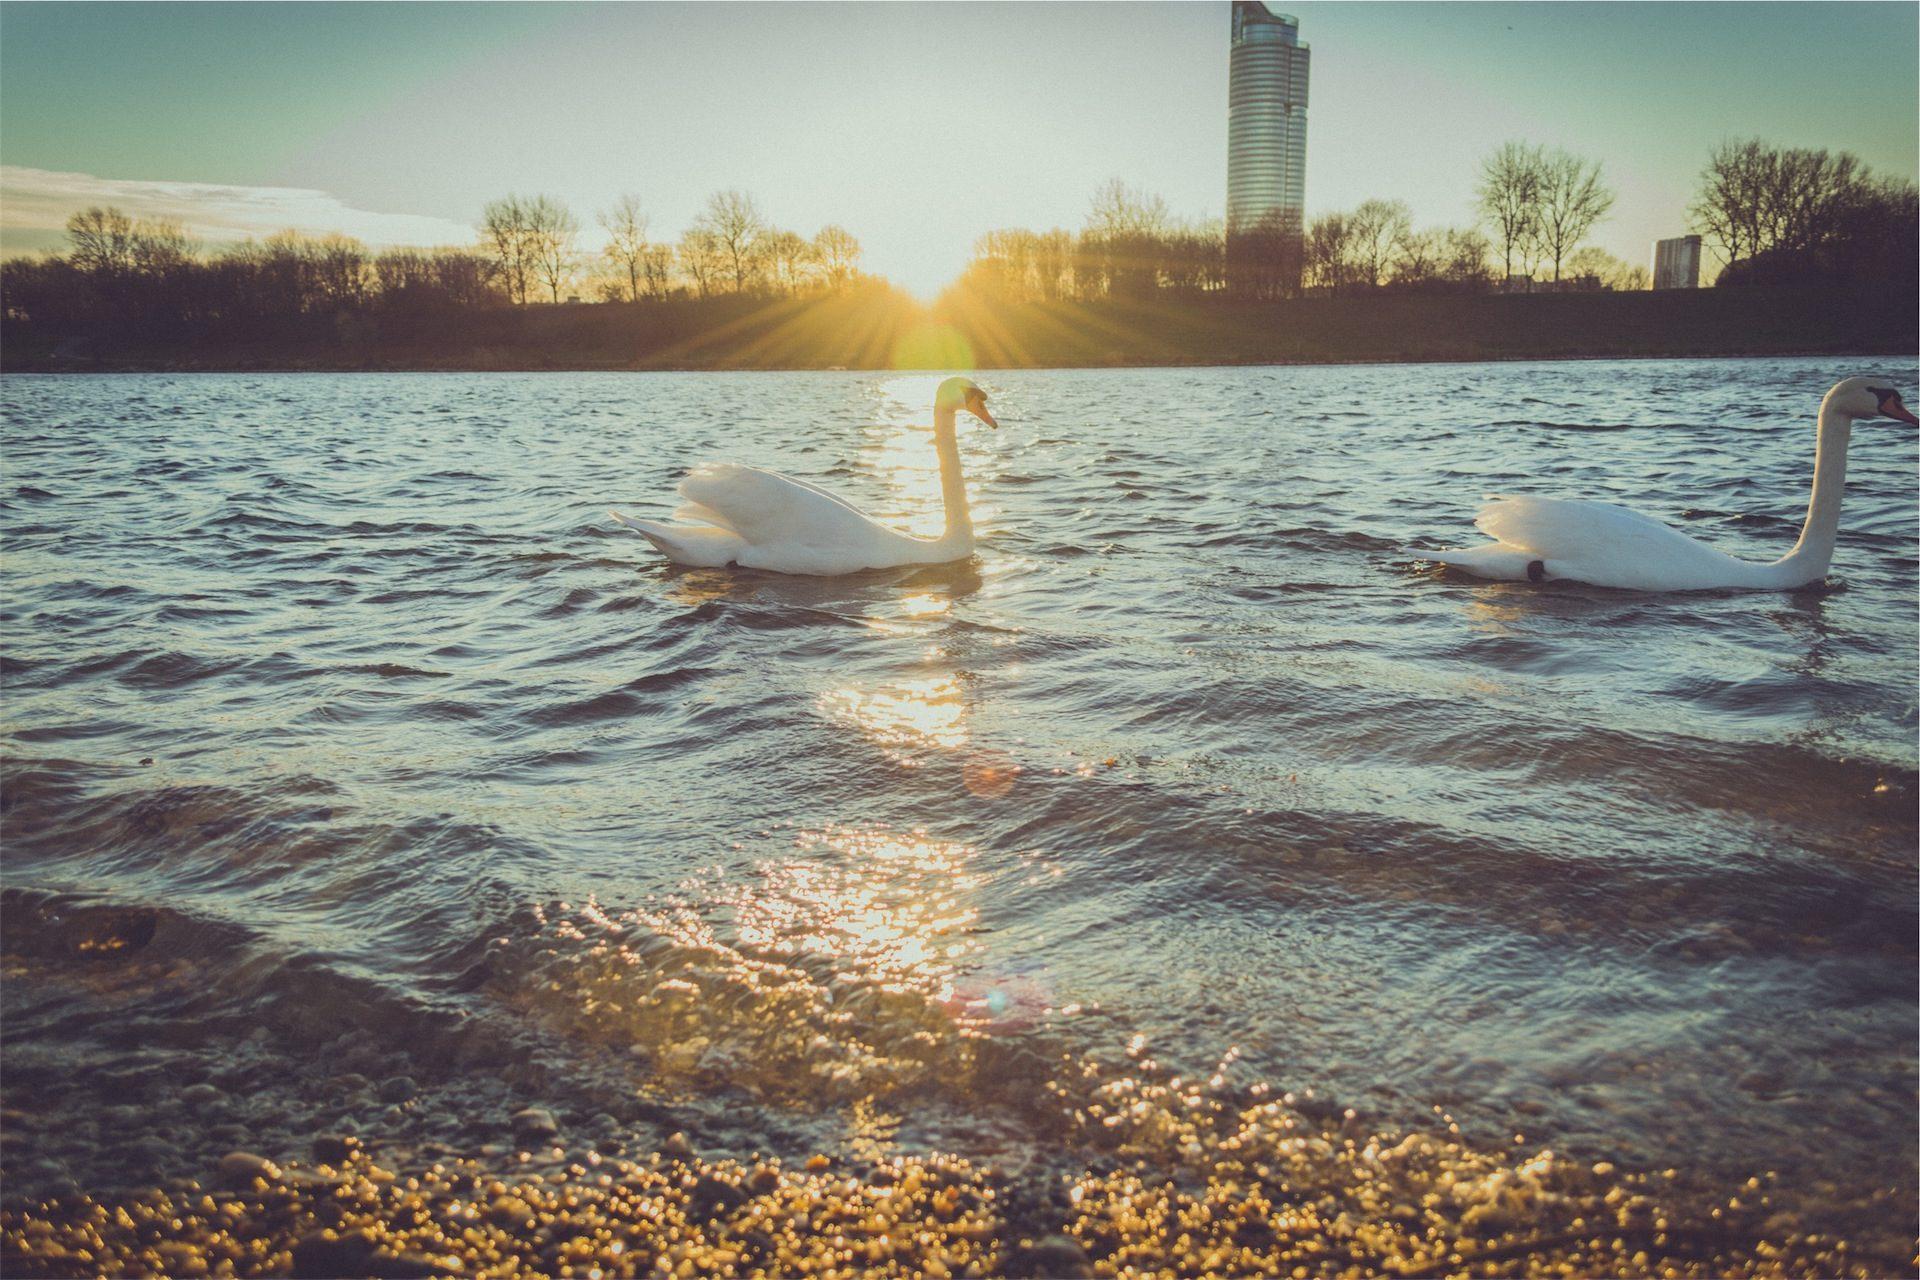 Lake, Parc, Ville, Cygnes, eau, Coucher de soleil - Fonds d'écran HD - Professor-falken.com